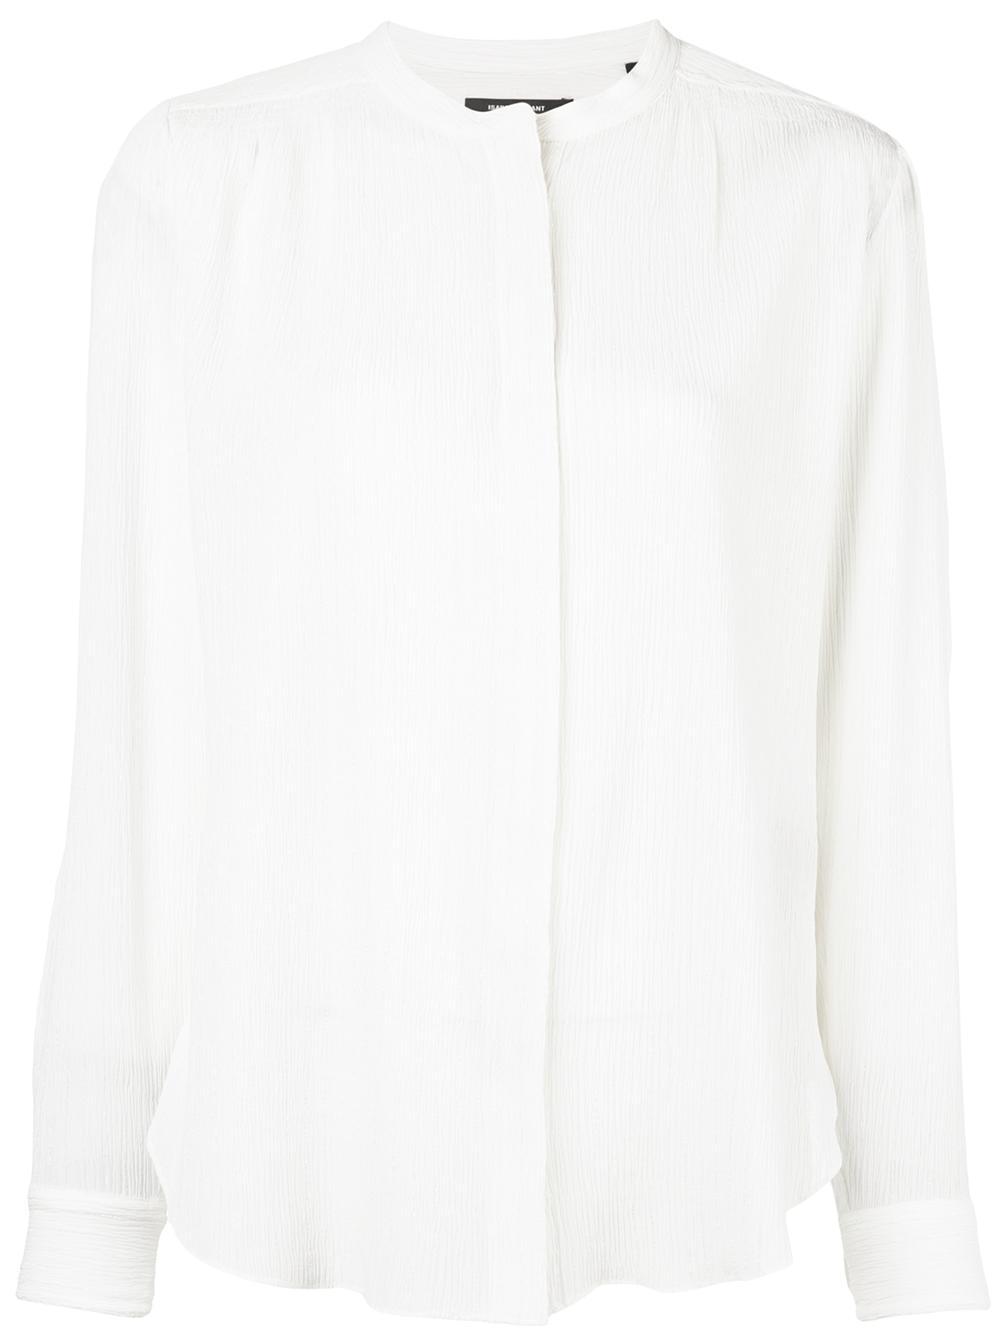 Long Sleeve Silk Something Button Up Blouse Item # MUSAK